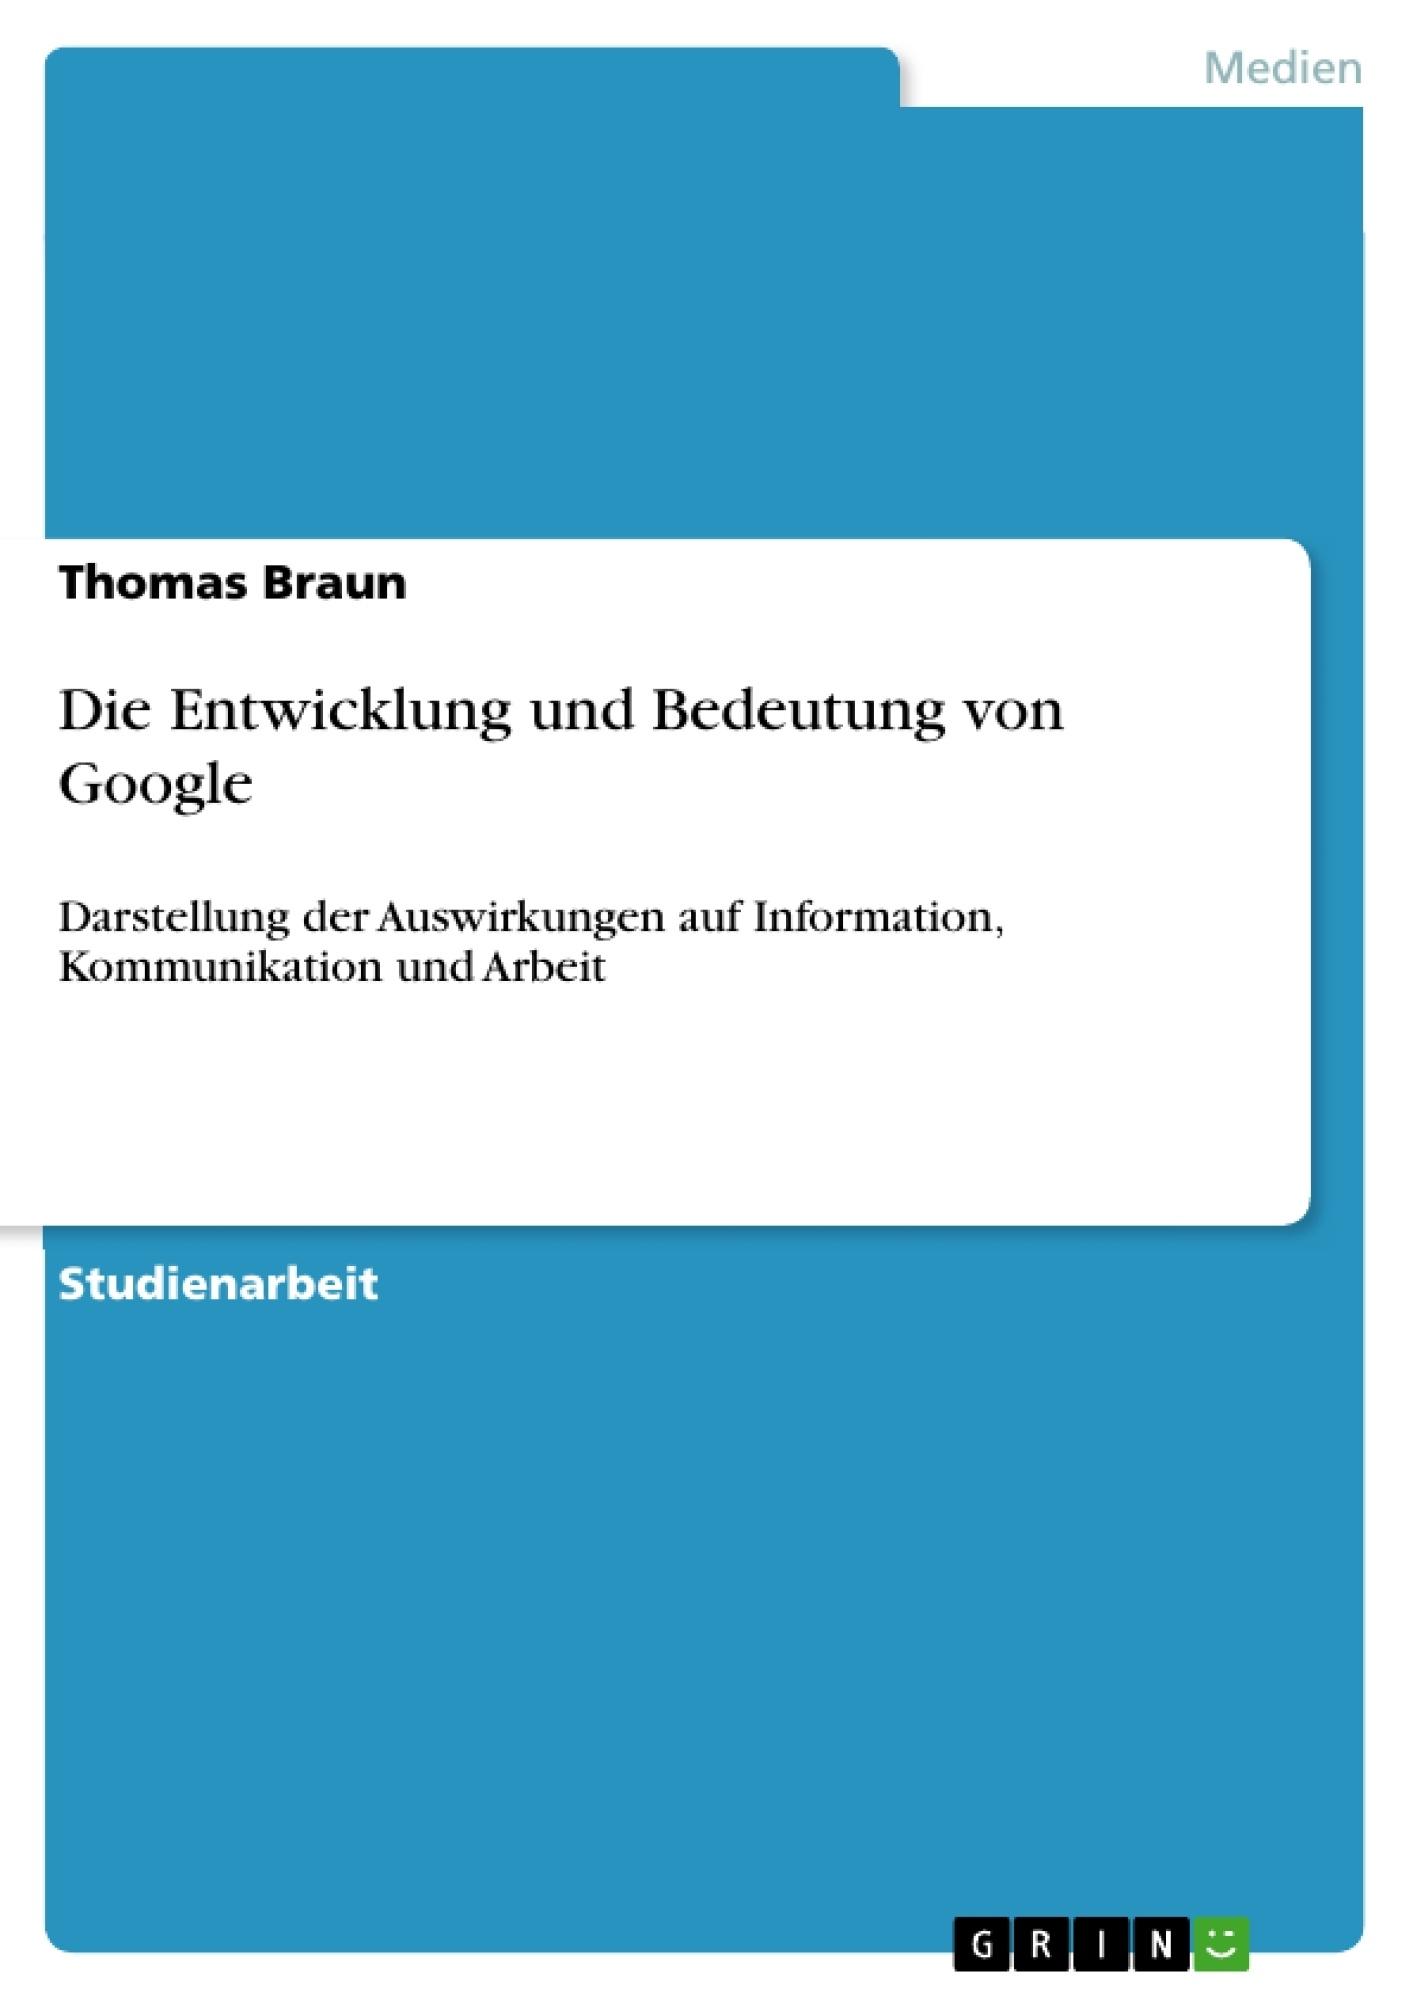 Titel: Die Entwicklung und Bedeutung von Google